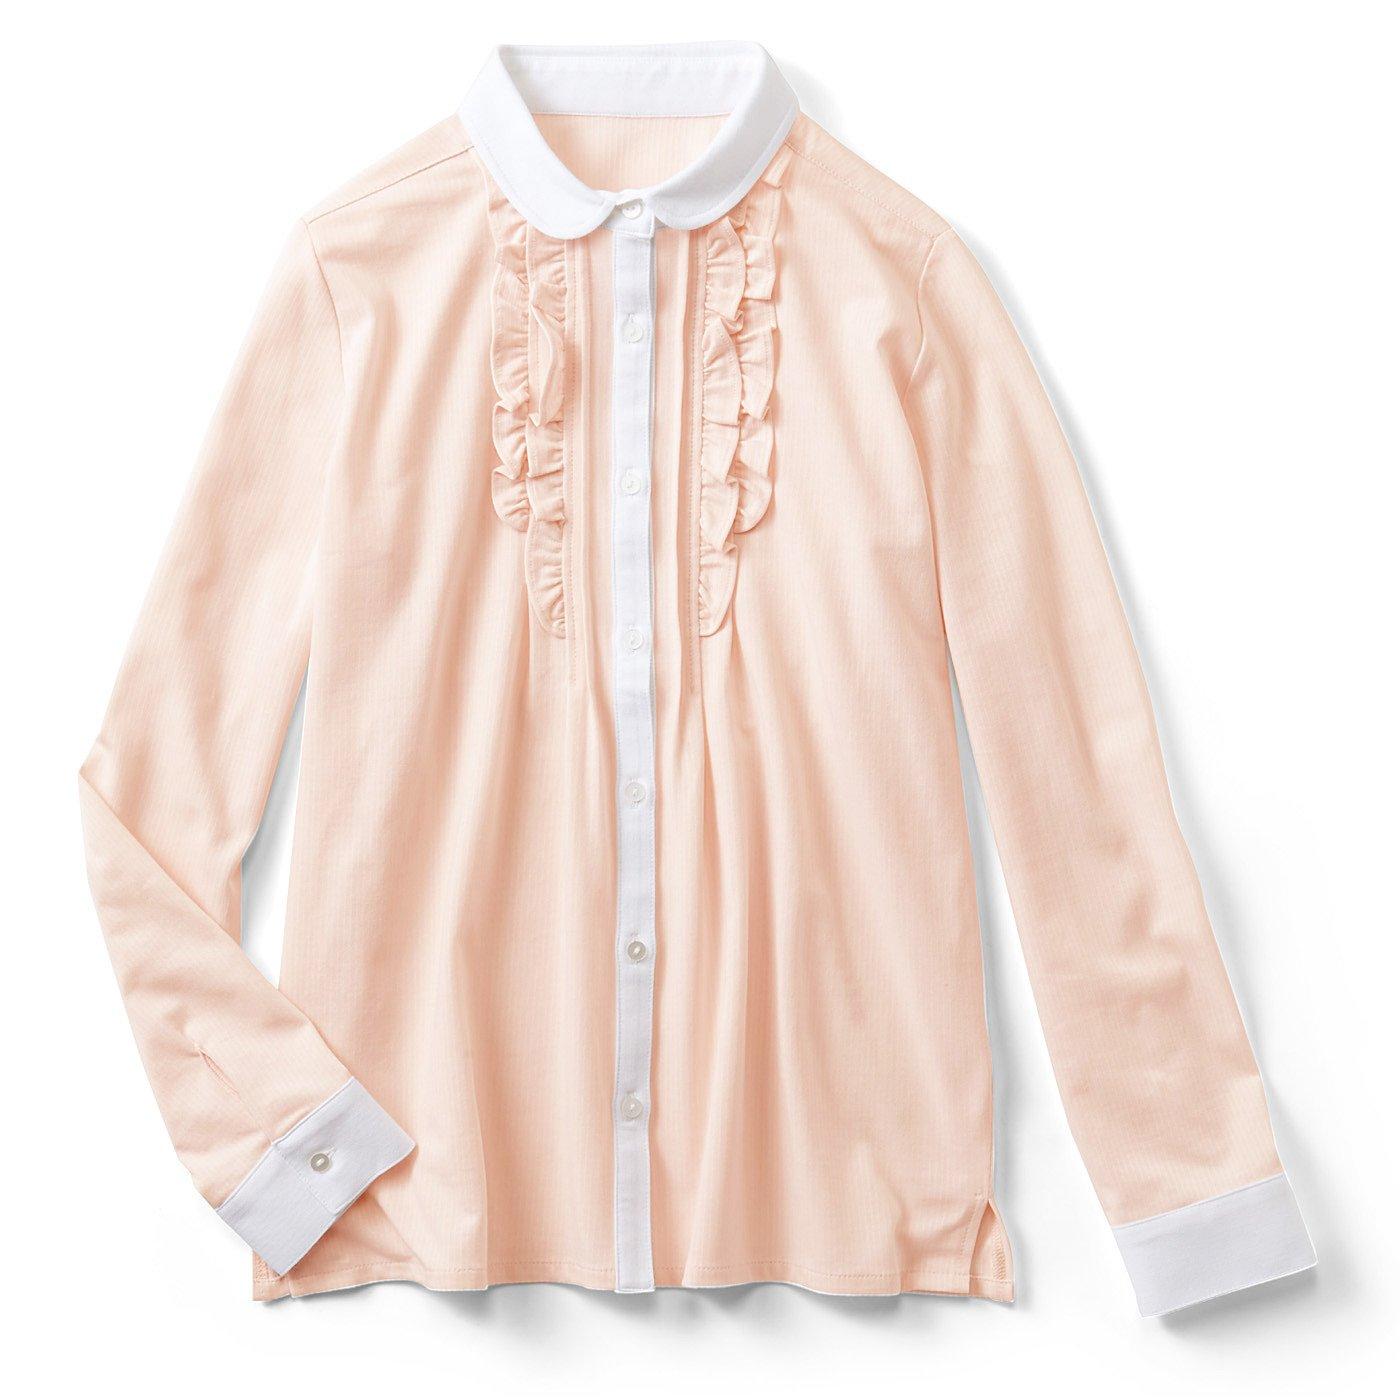 IEDIT LABO. 吸汗速乾&抗菌防臭 伸びて着心地快適 きちんと見えのらくちんカットソーブラウス〈ピンク〉